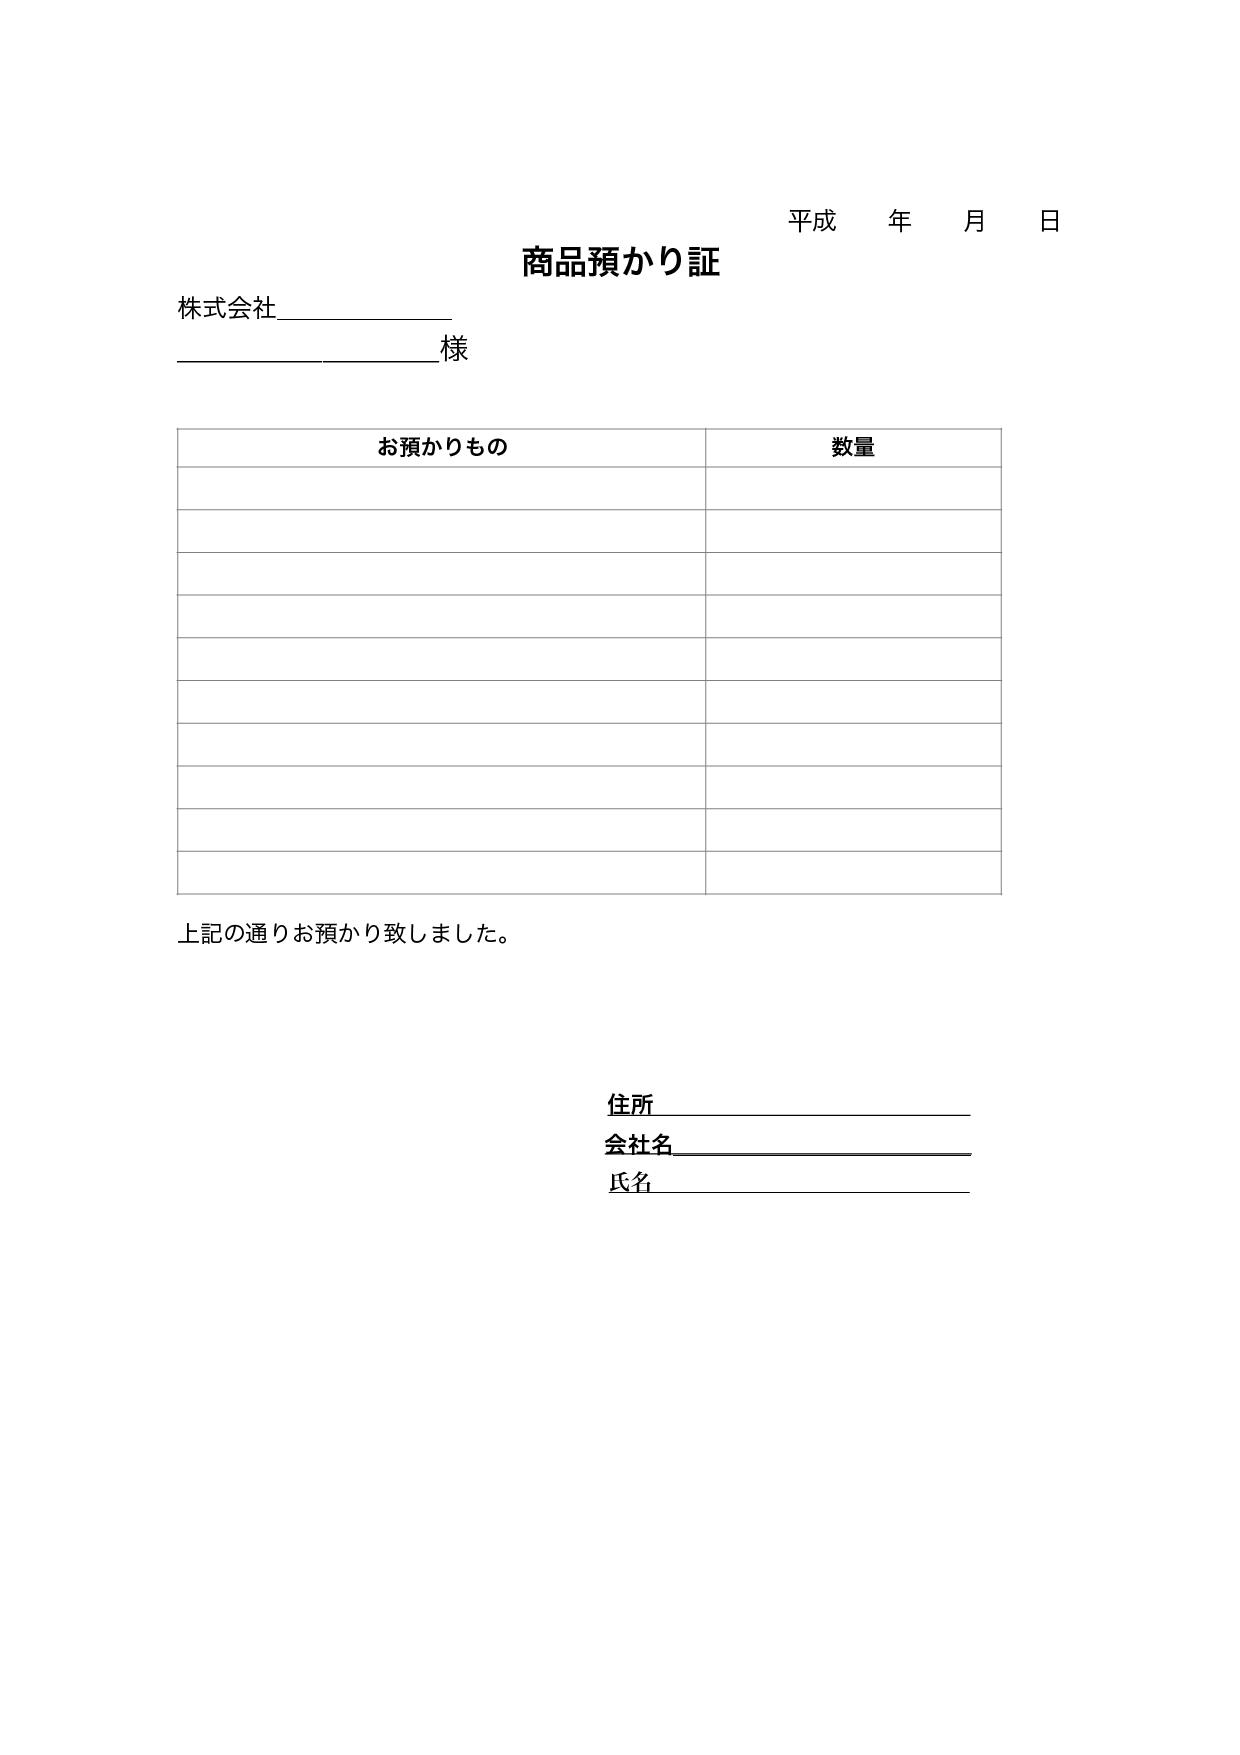 商品預り証 テンプレート_ベーシック(ワード・ページズ)